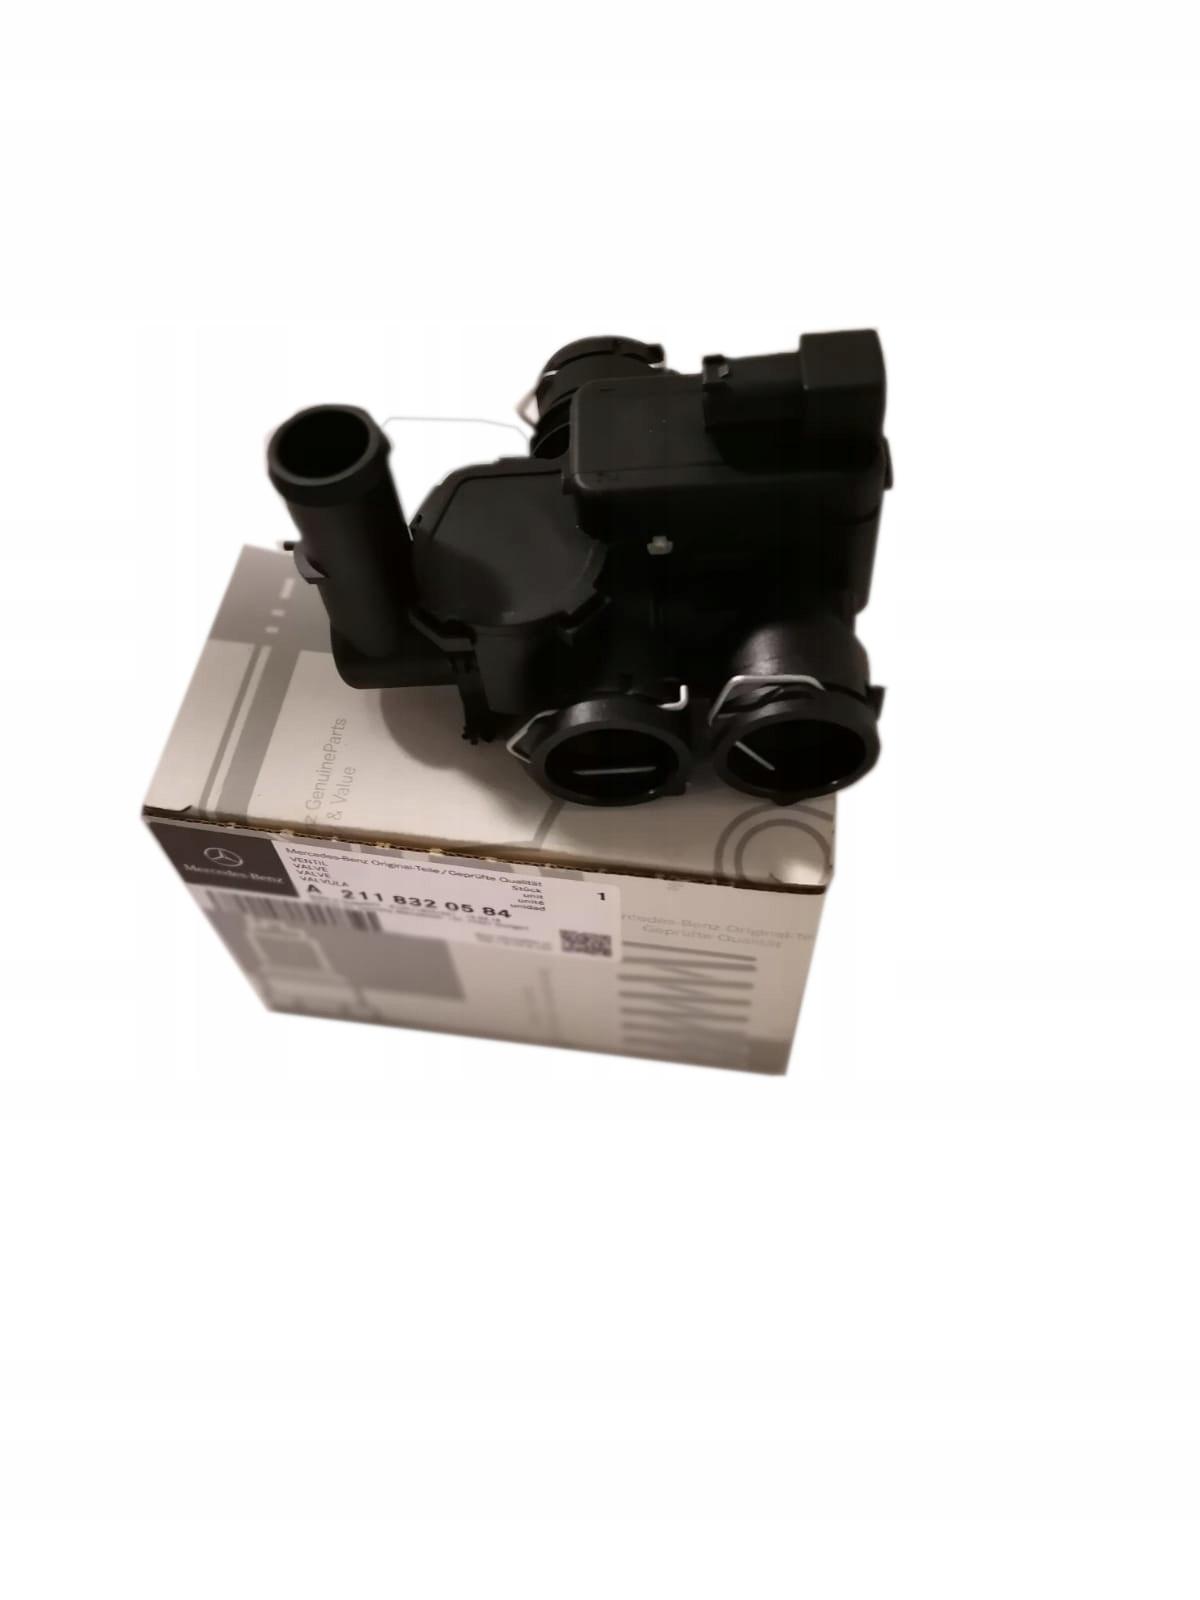 клапан отопления e класс w211 cls w219 mercedes